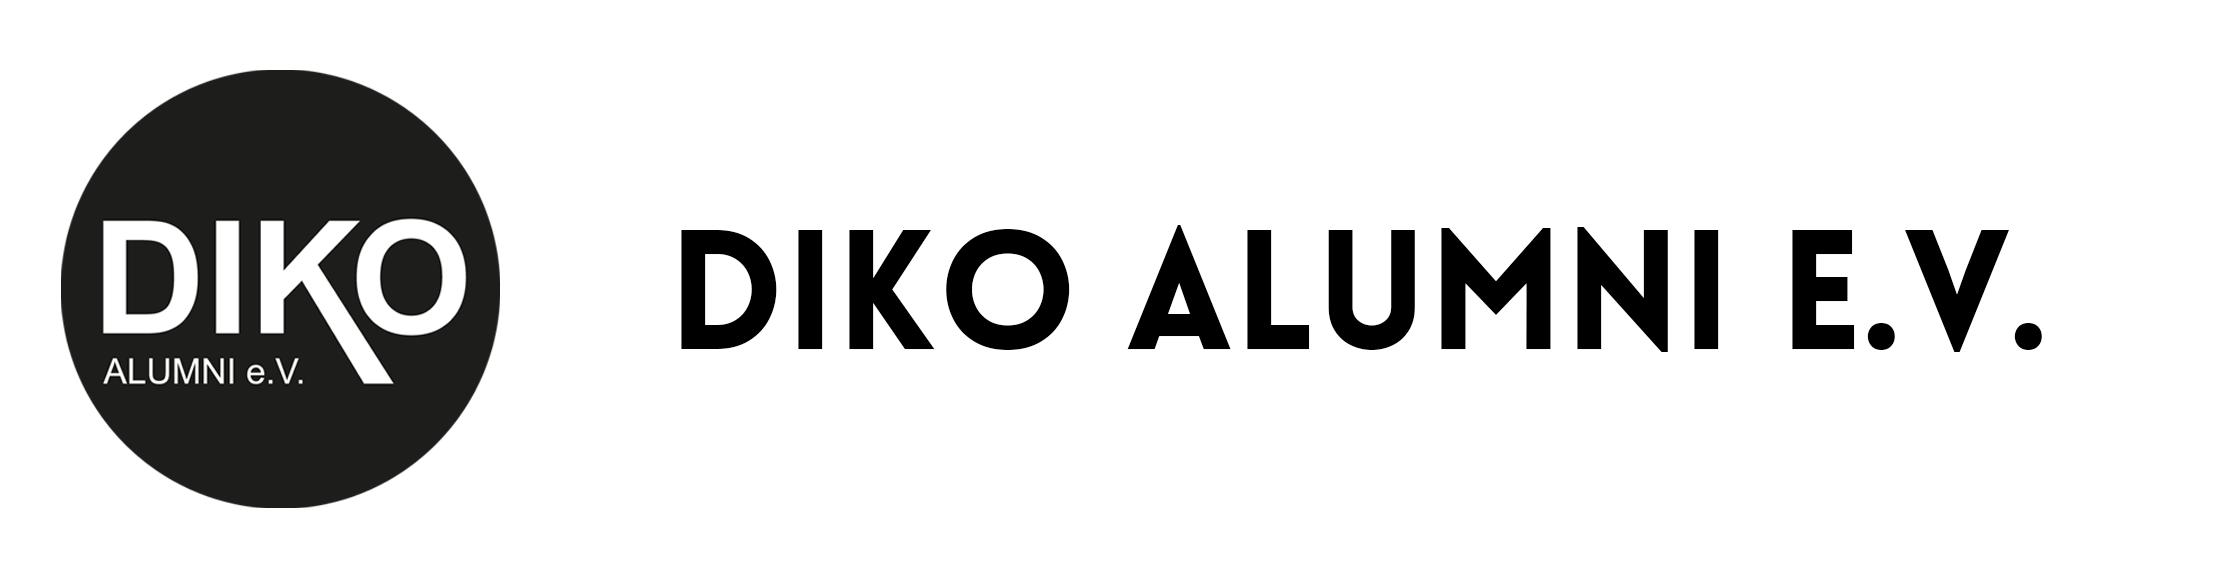 Diko Alumi e.V.